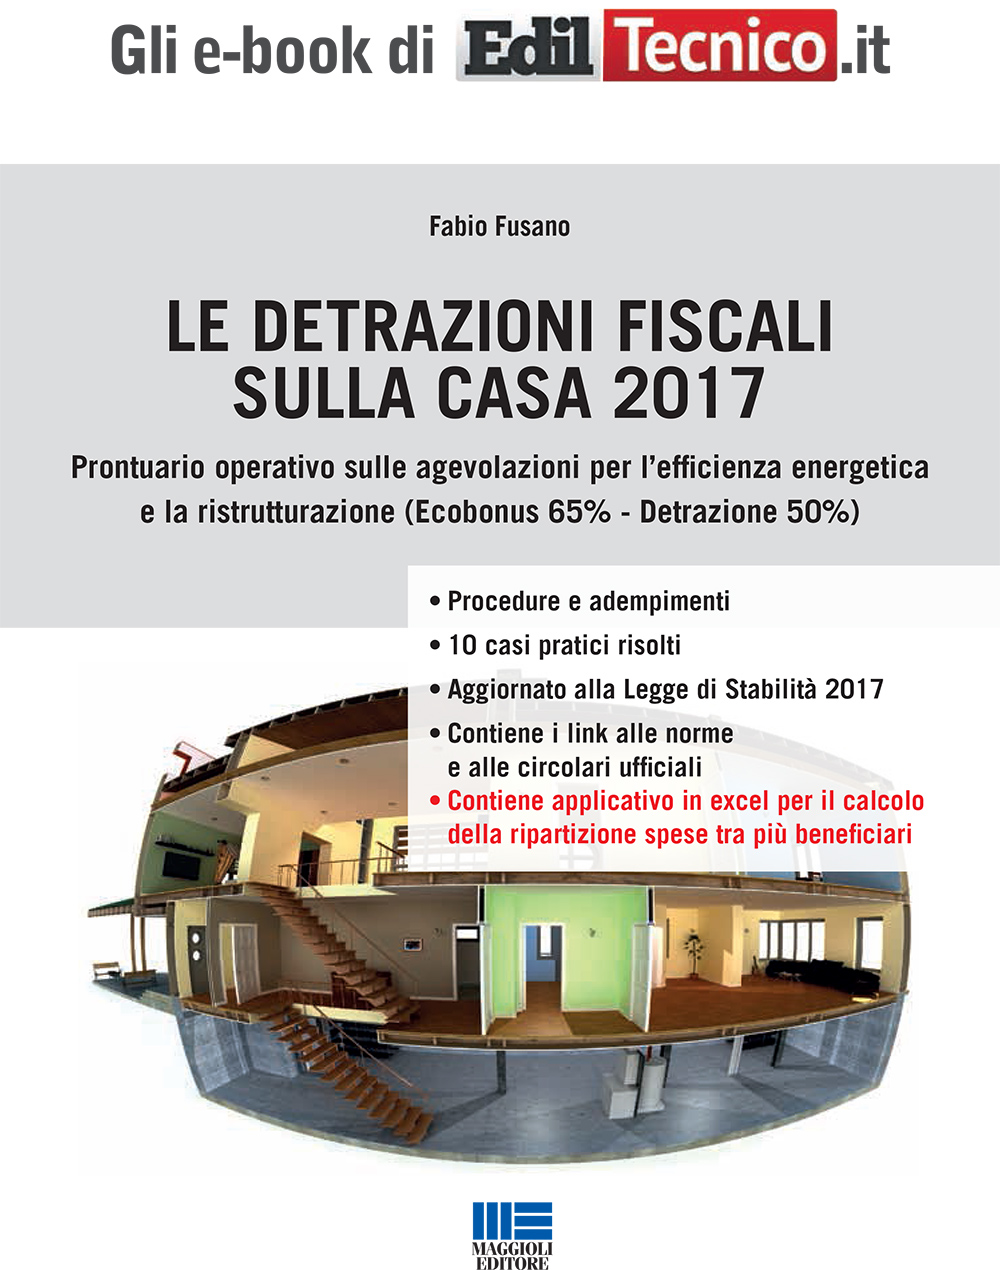 Bonus ristrutturazioni la guida aggiornata dell agenzia for Detrazioni fiscali 2017 agenzia delle entrate